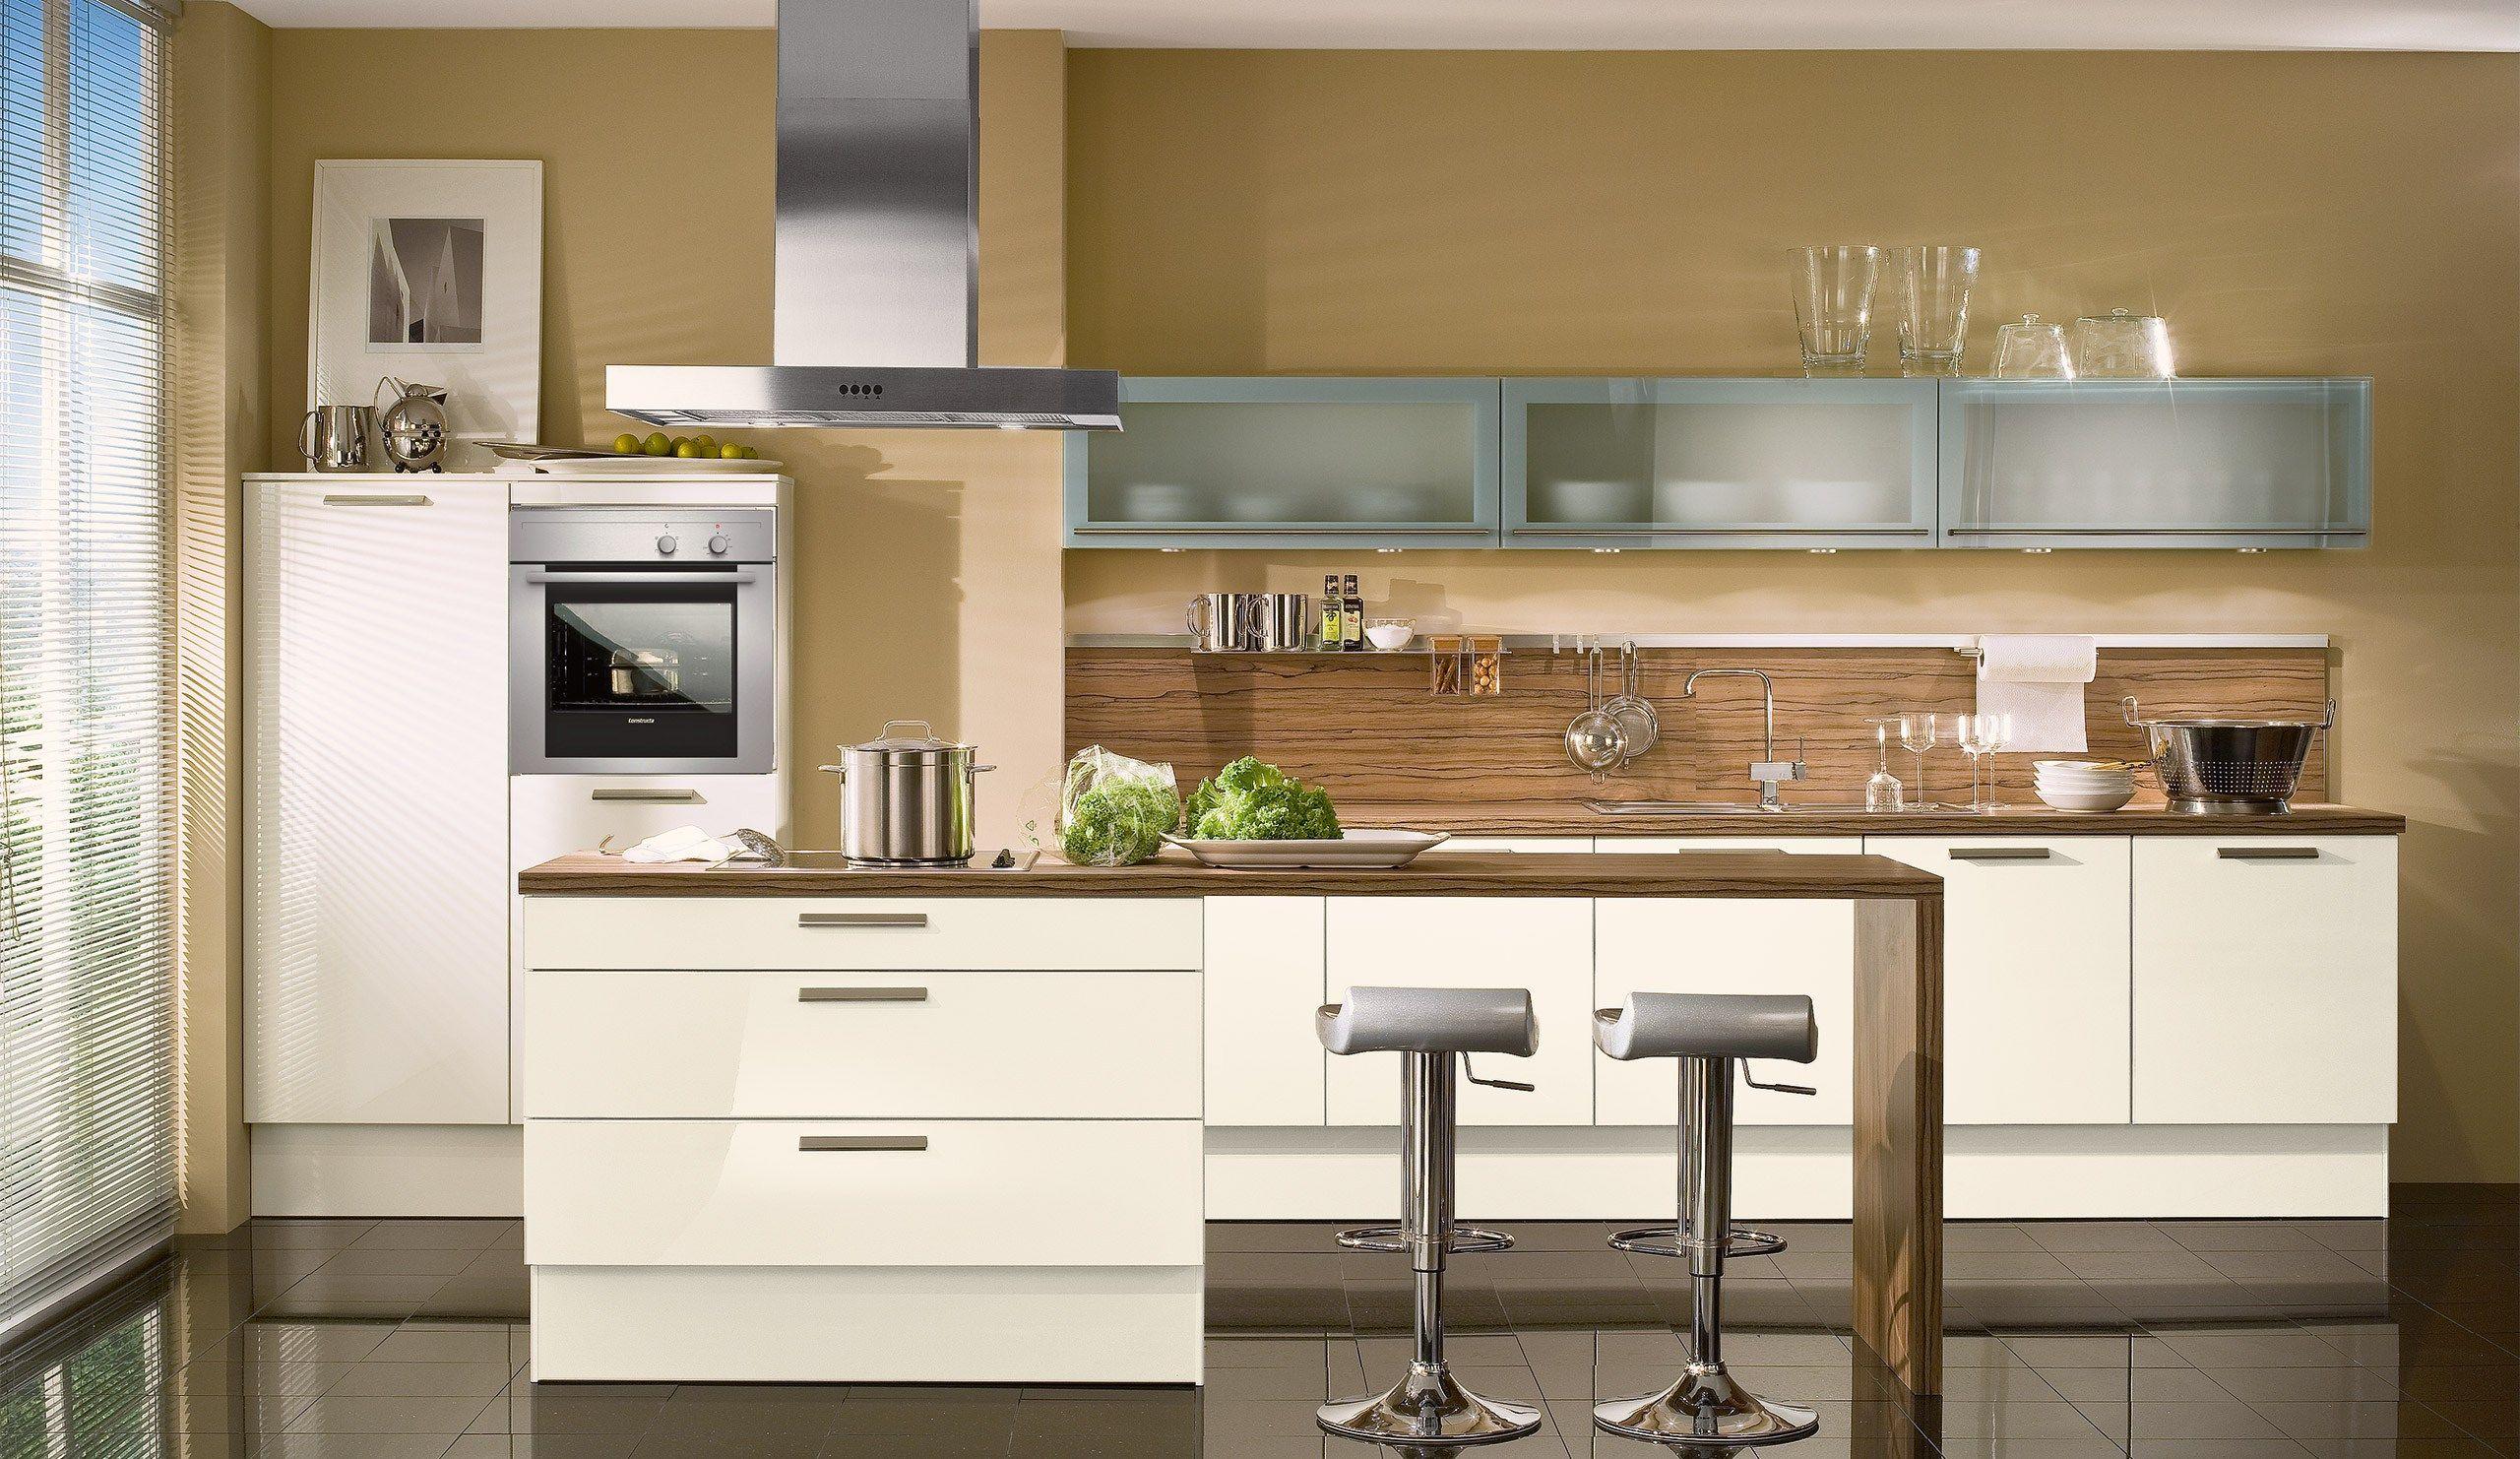 Bildergebnis für küche magnolia hochglanz Moderne küche